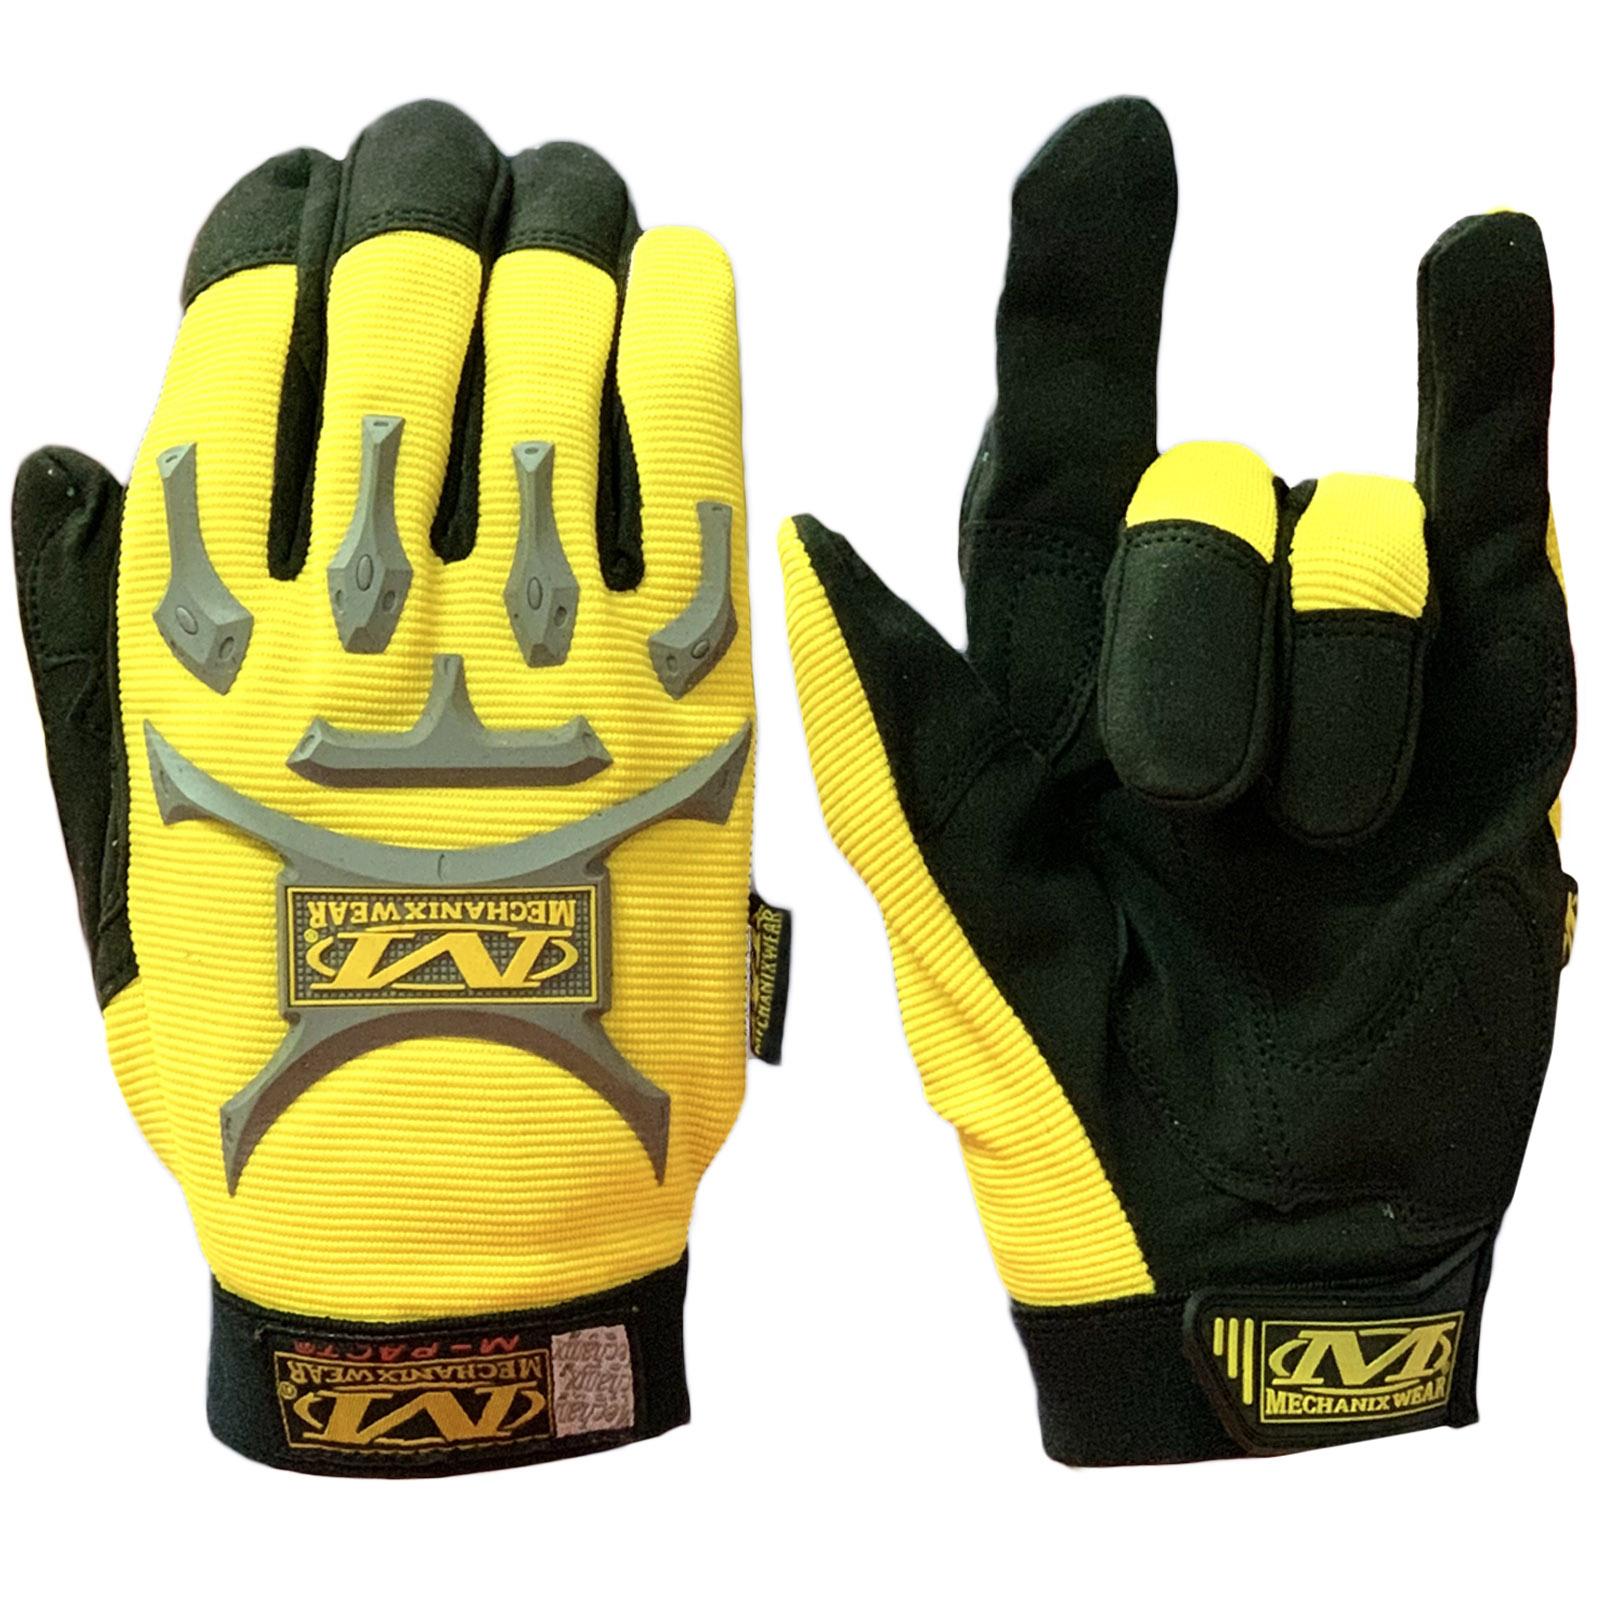 Крутые контрастные перчатки от Mechanix wear для экстремалов